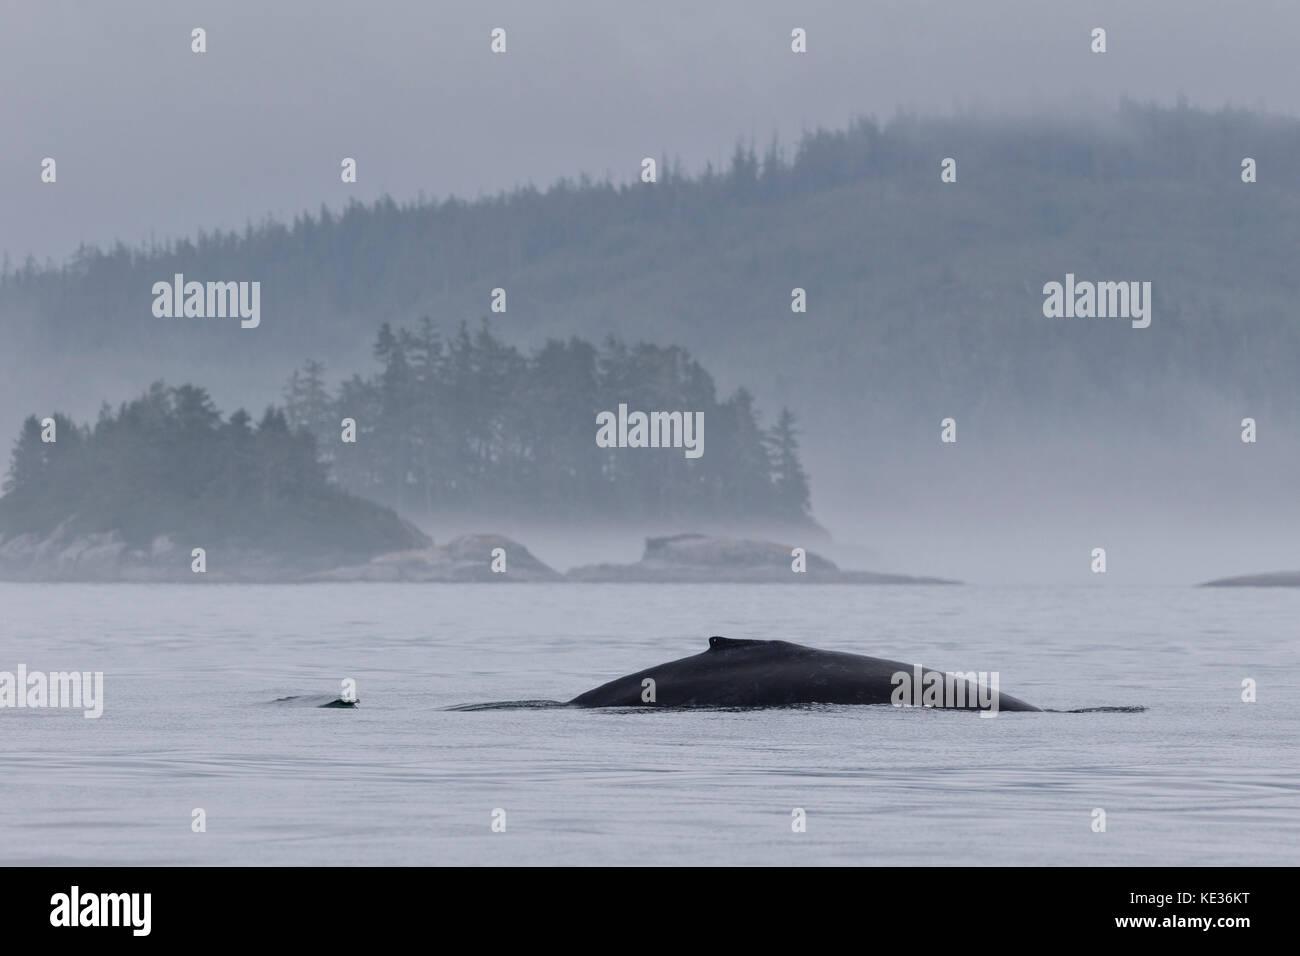 Niebla por la mañana con una ballena jorobada delante de la pequeña isla del archipiélago broughton provincial fuera del parque marino de la isla de Vancouver, en Columbia Británica, Canadá Foto de stock